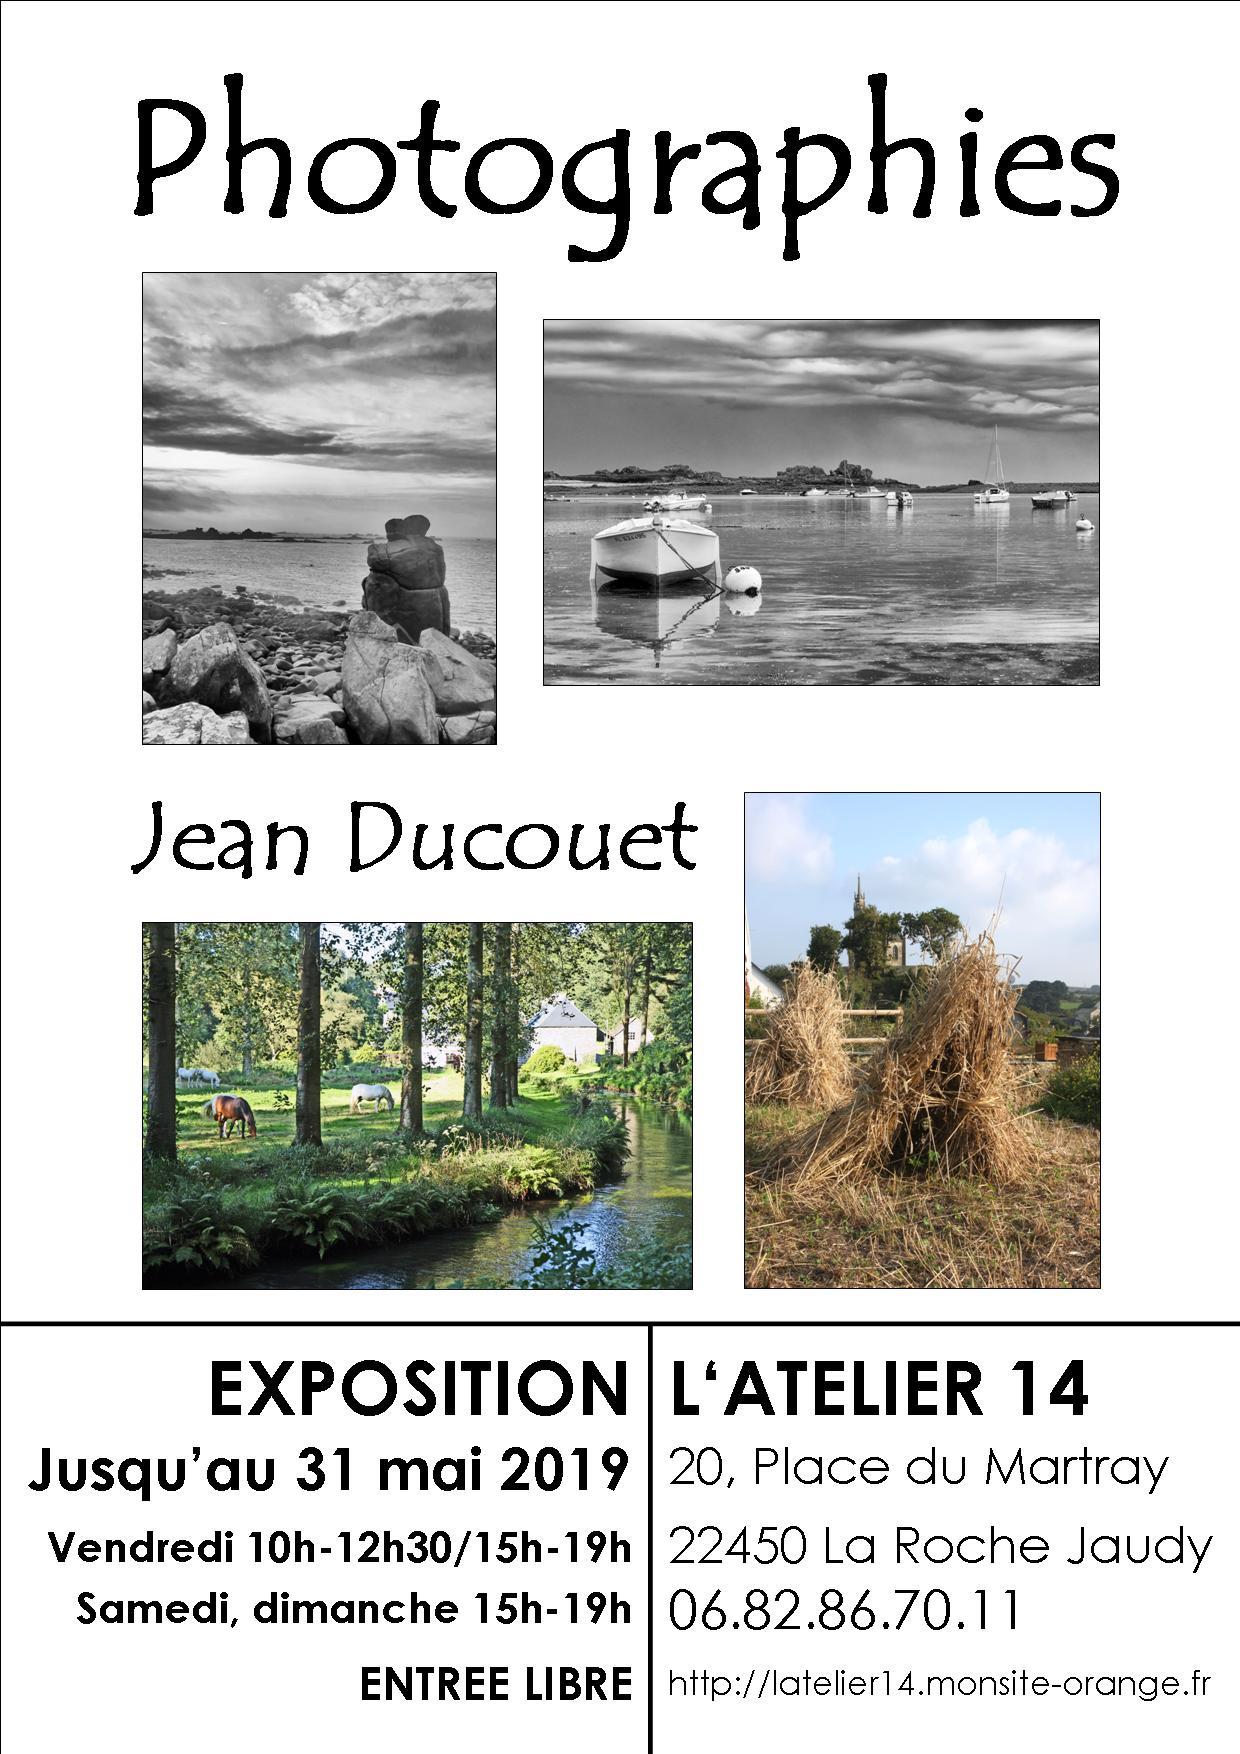 Jean Ducouet